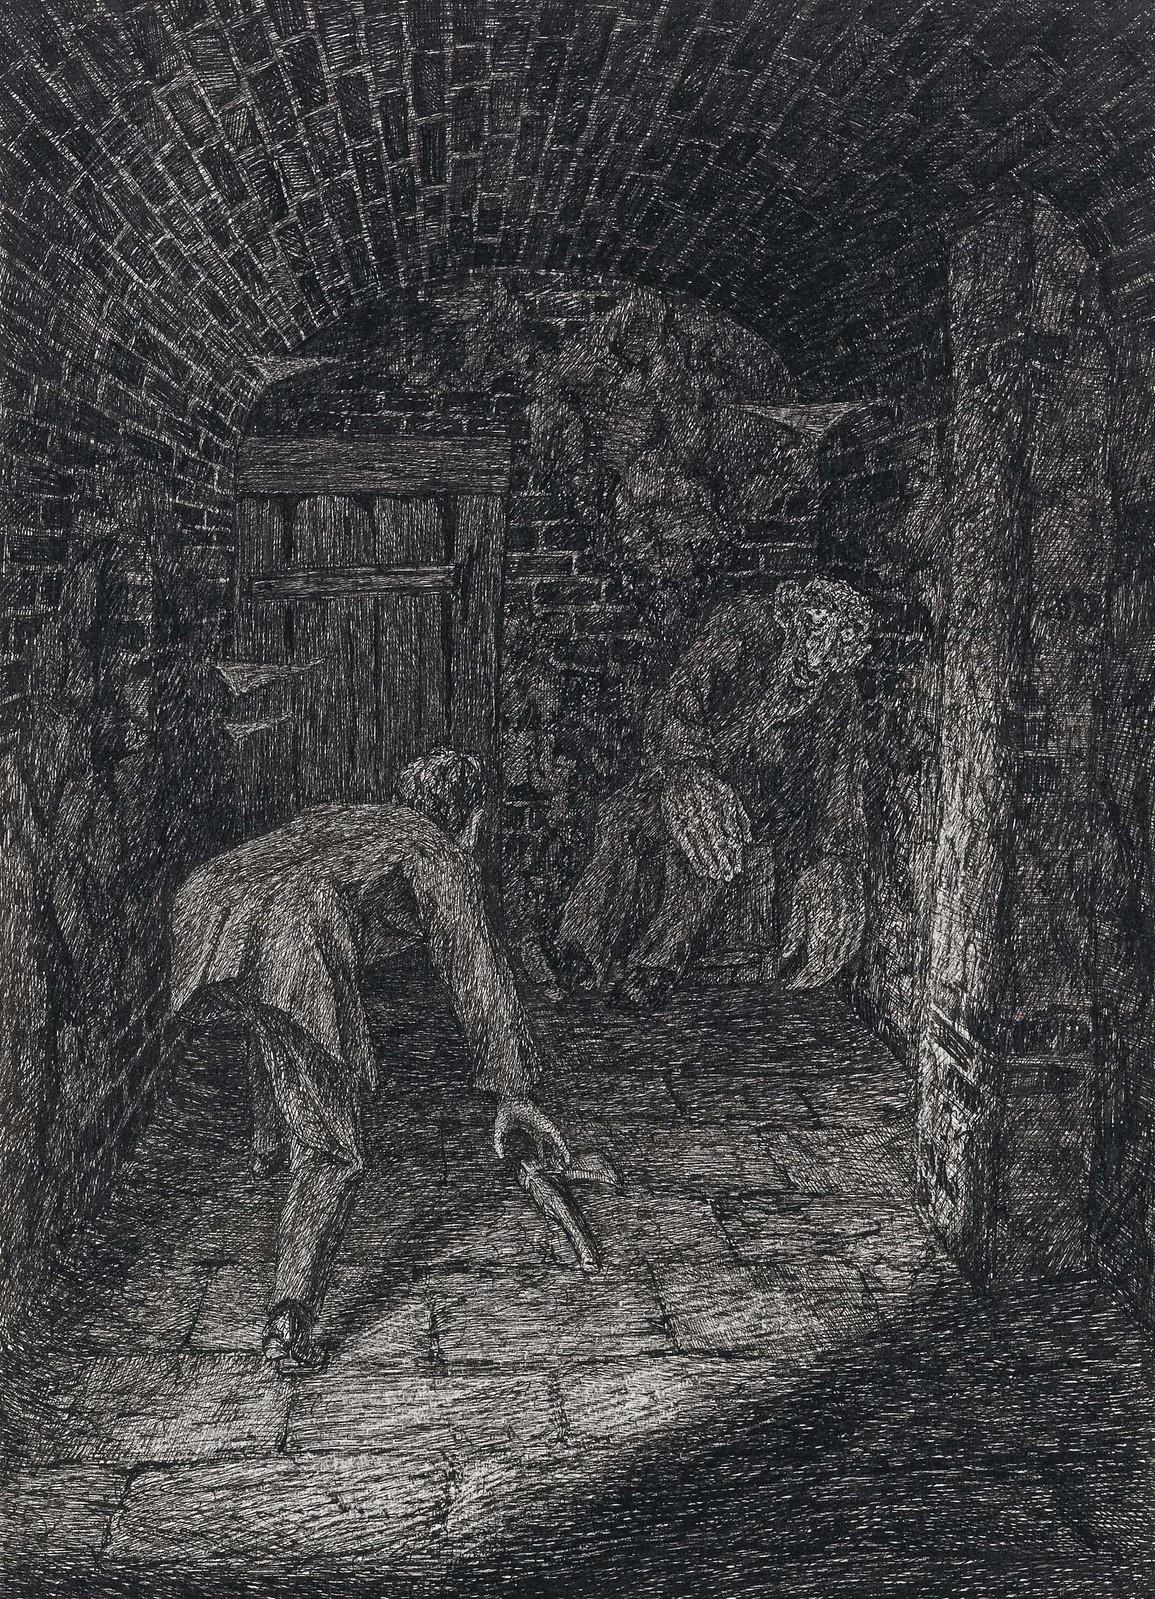 Fritz Schwimbeck - A Deam From G. Meyerink, 1917